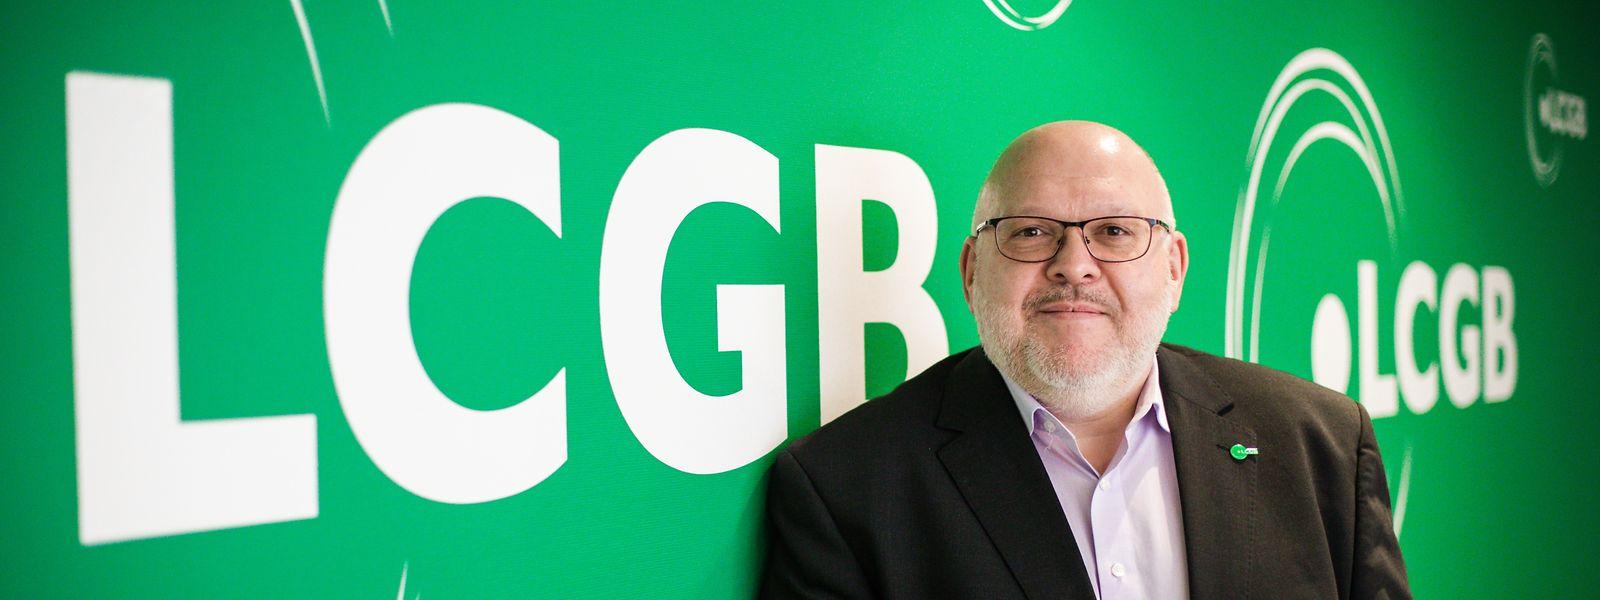 Patrick Dury steht seit 2011 an der Spitze des Christlichen Gewerkschaftsbundes. Der 54-Jährige hat die Gewerkschaft umgekrempelt und modernisiert. Heute zählt der LCGB fast 41000 Mitglieder.